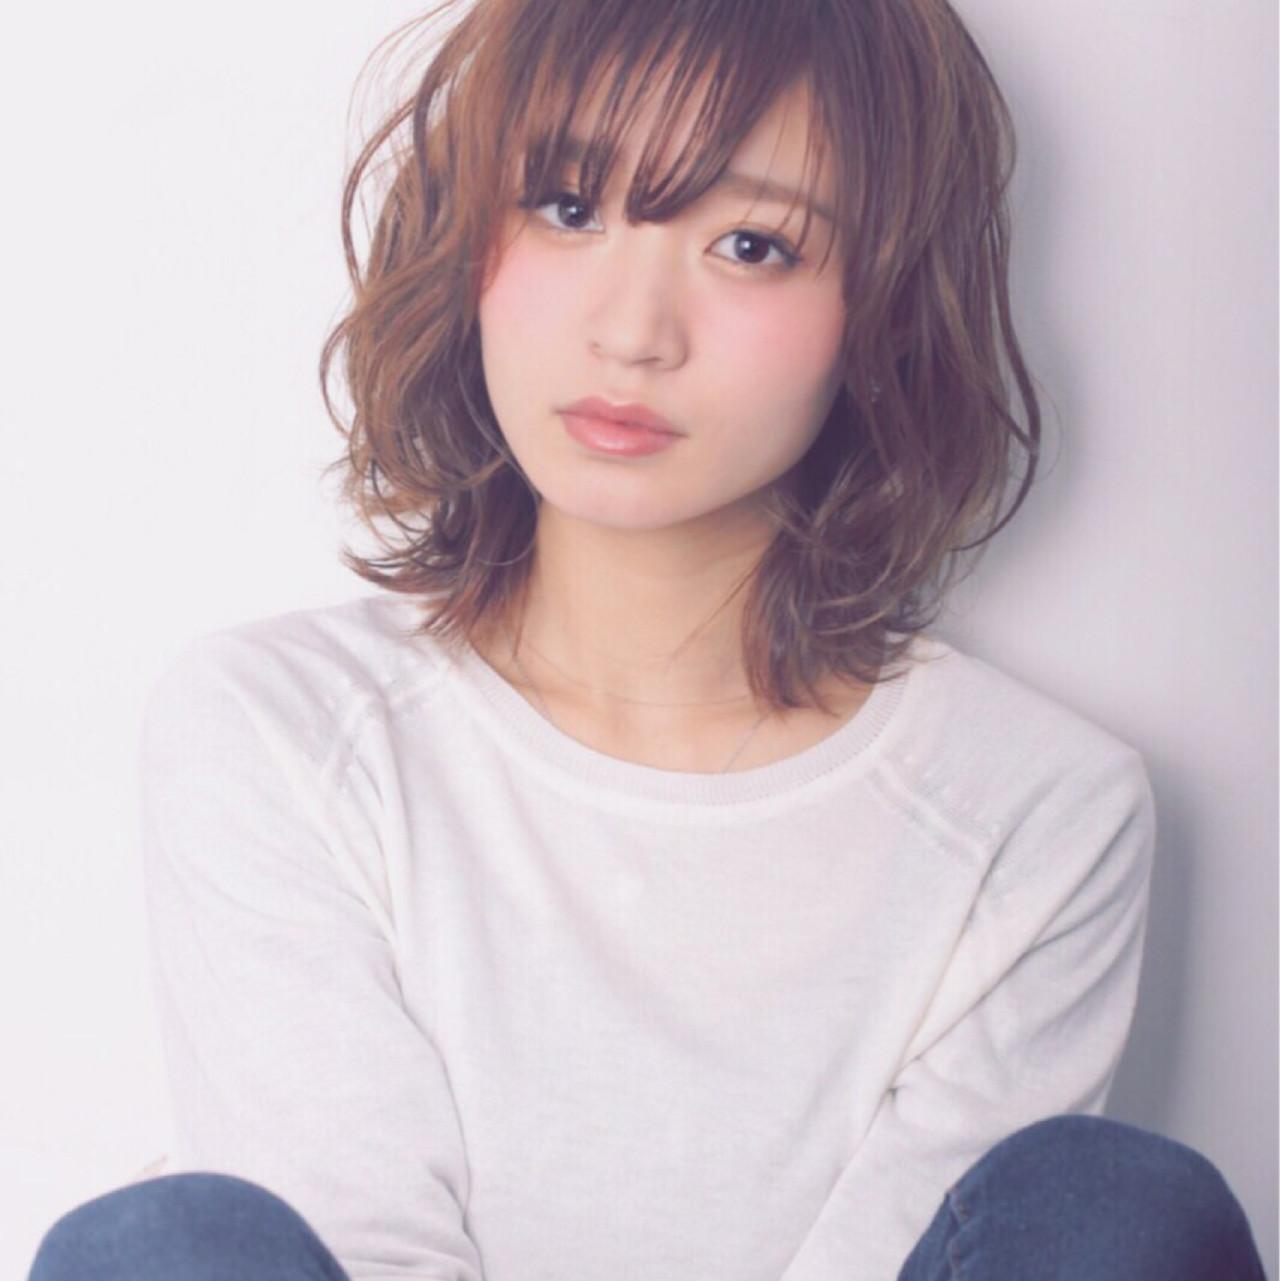 """最強""""トリセツ""""ここにあり。本当に似合う「ぱっつん前髪」のつくり方♡ 田中 愛里沙"""